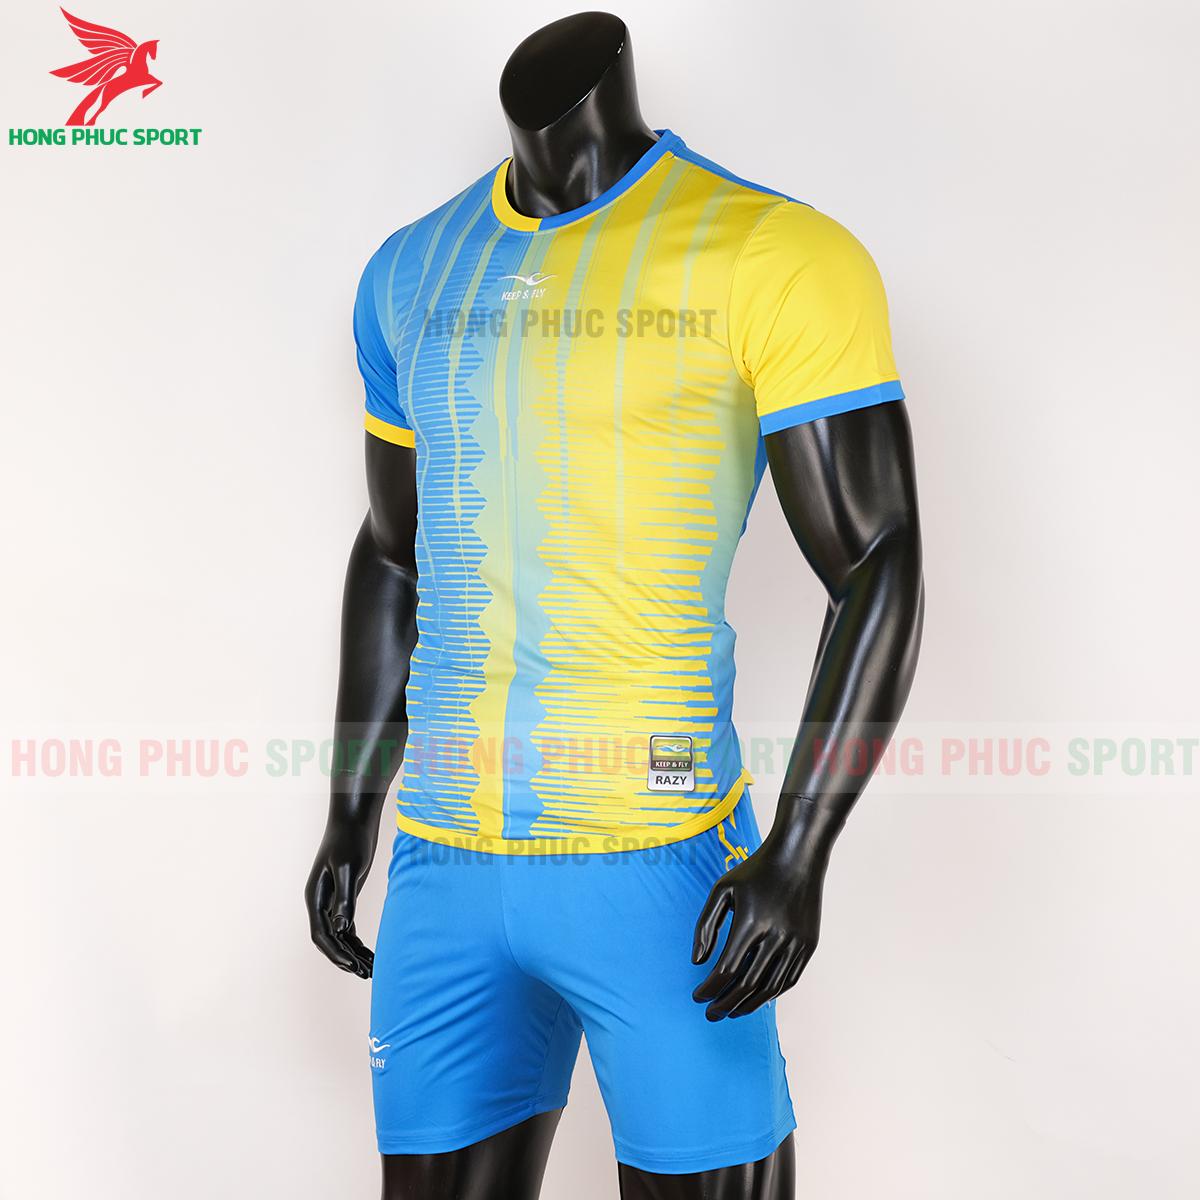 Áo Keep&Fly Razy 2020 vàng - xanh ngọc (trái)